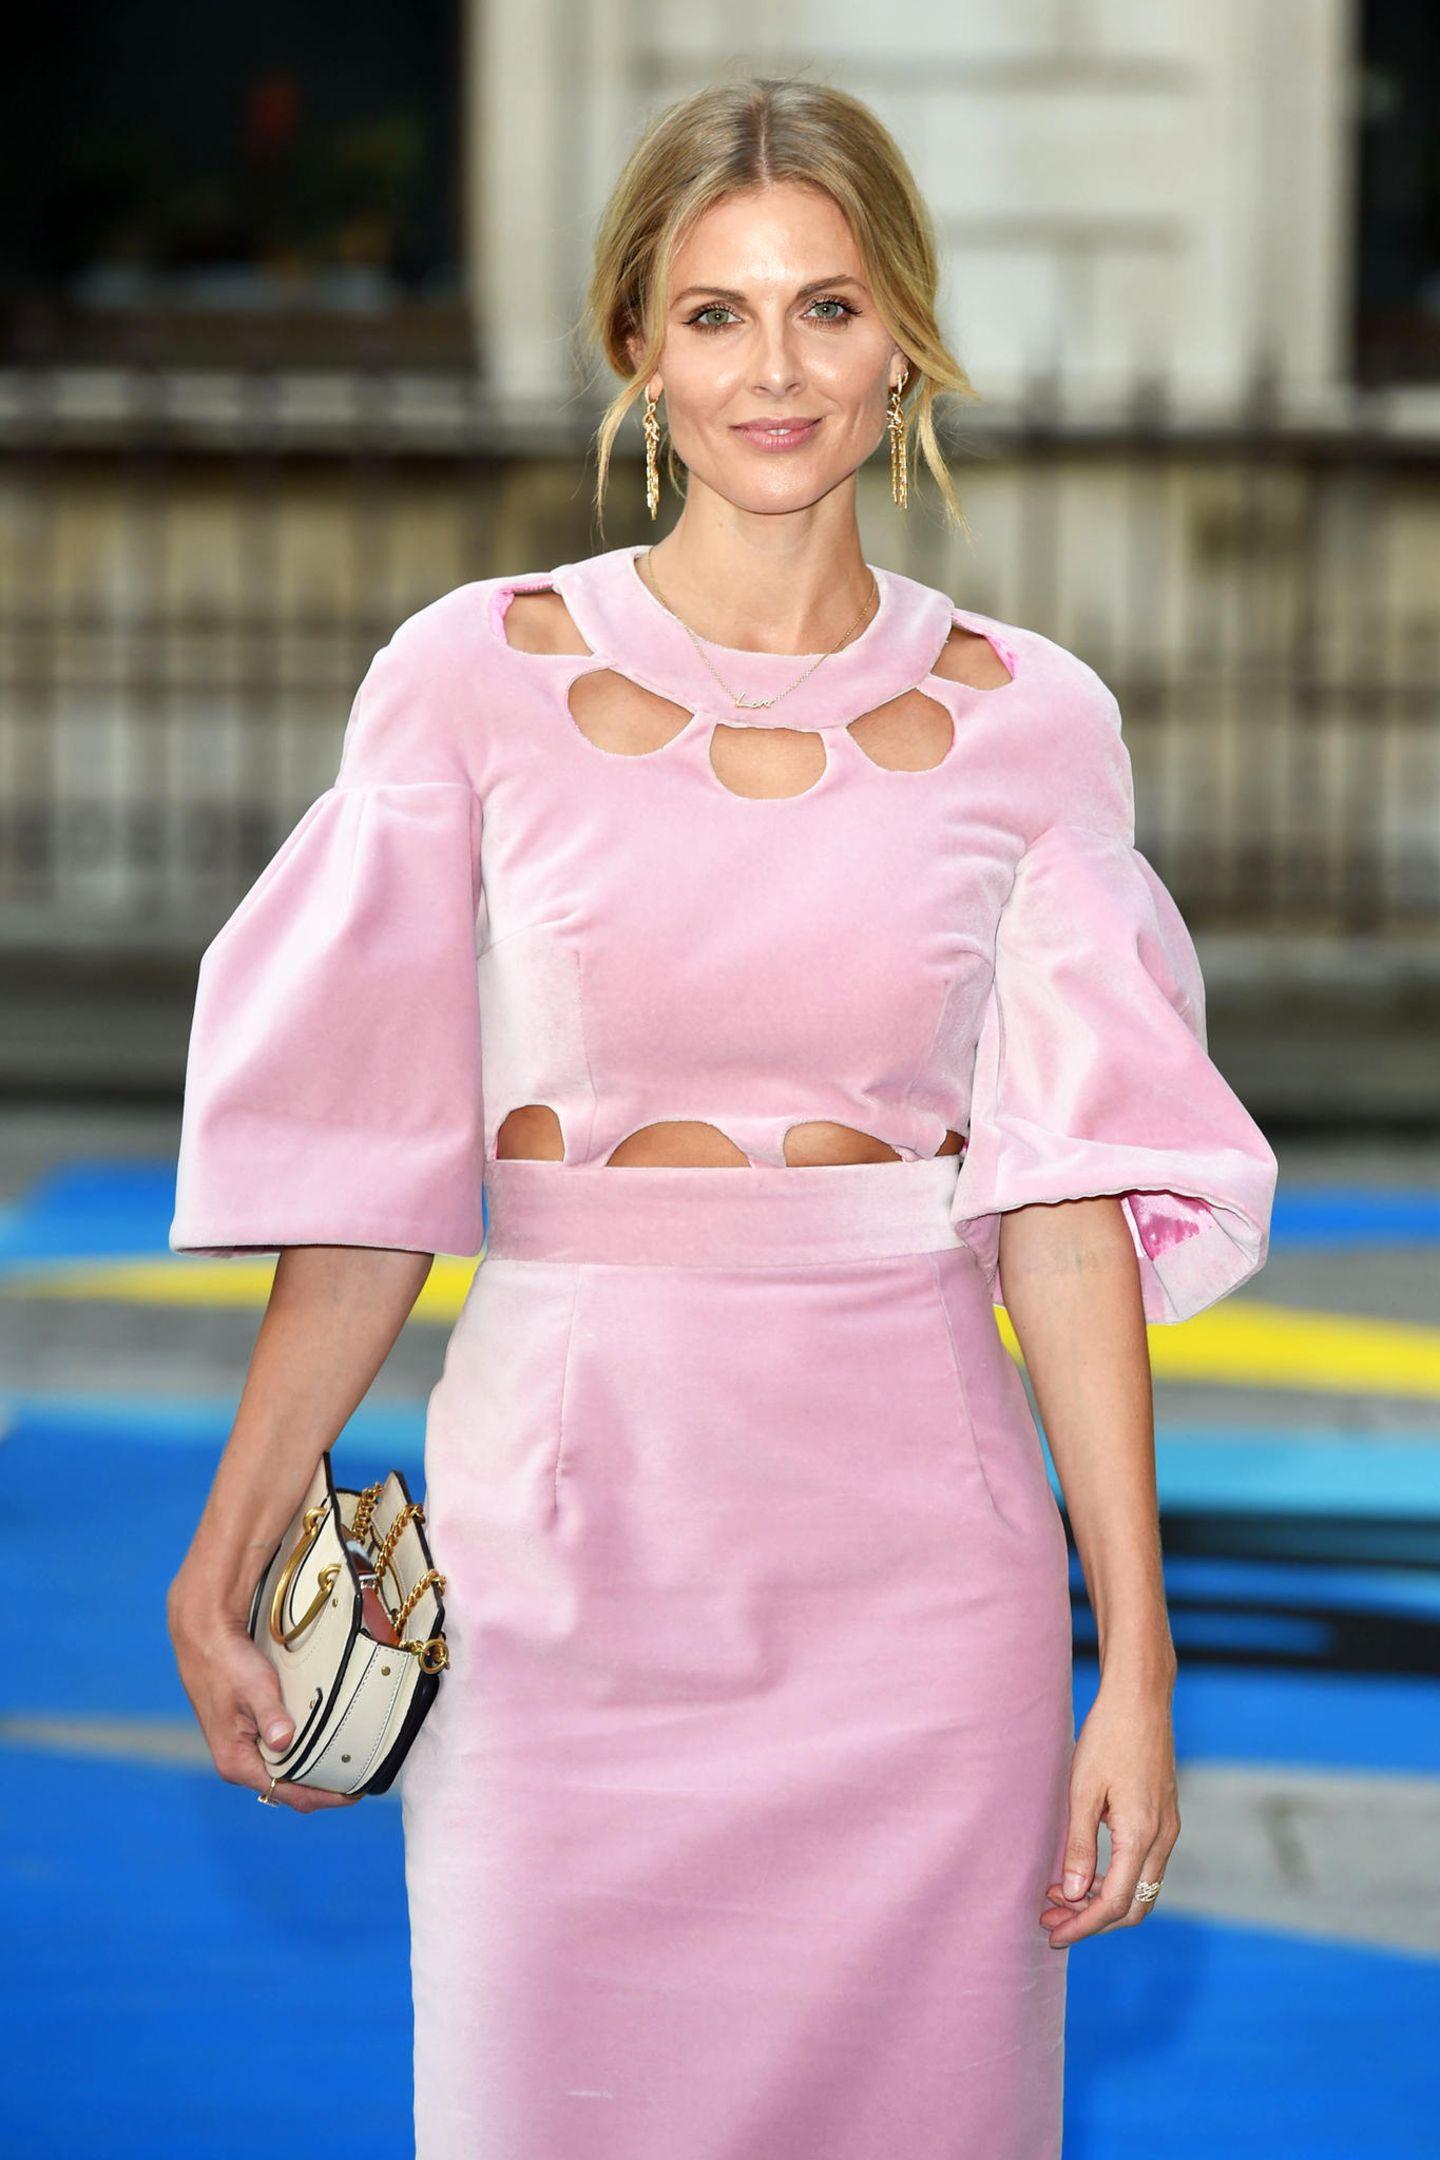 Bei der Royal Academy of Arts Summer Exhibition zeigt sich Donna Air, die ehemalige Lebensgefährtin von James Middleton, dem Bruder von Herzogin Catherine und Pippa, in einem rosafarbenen Midikleid mit Cut-Outs. Das hübsche Dress ist von Designerin TataNaka. Doch offenbar wird ihr dieses Kleid zum Verhängnis ...